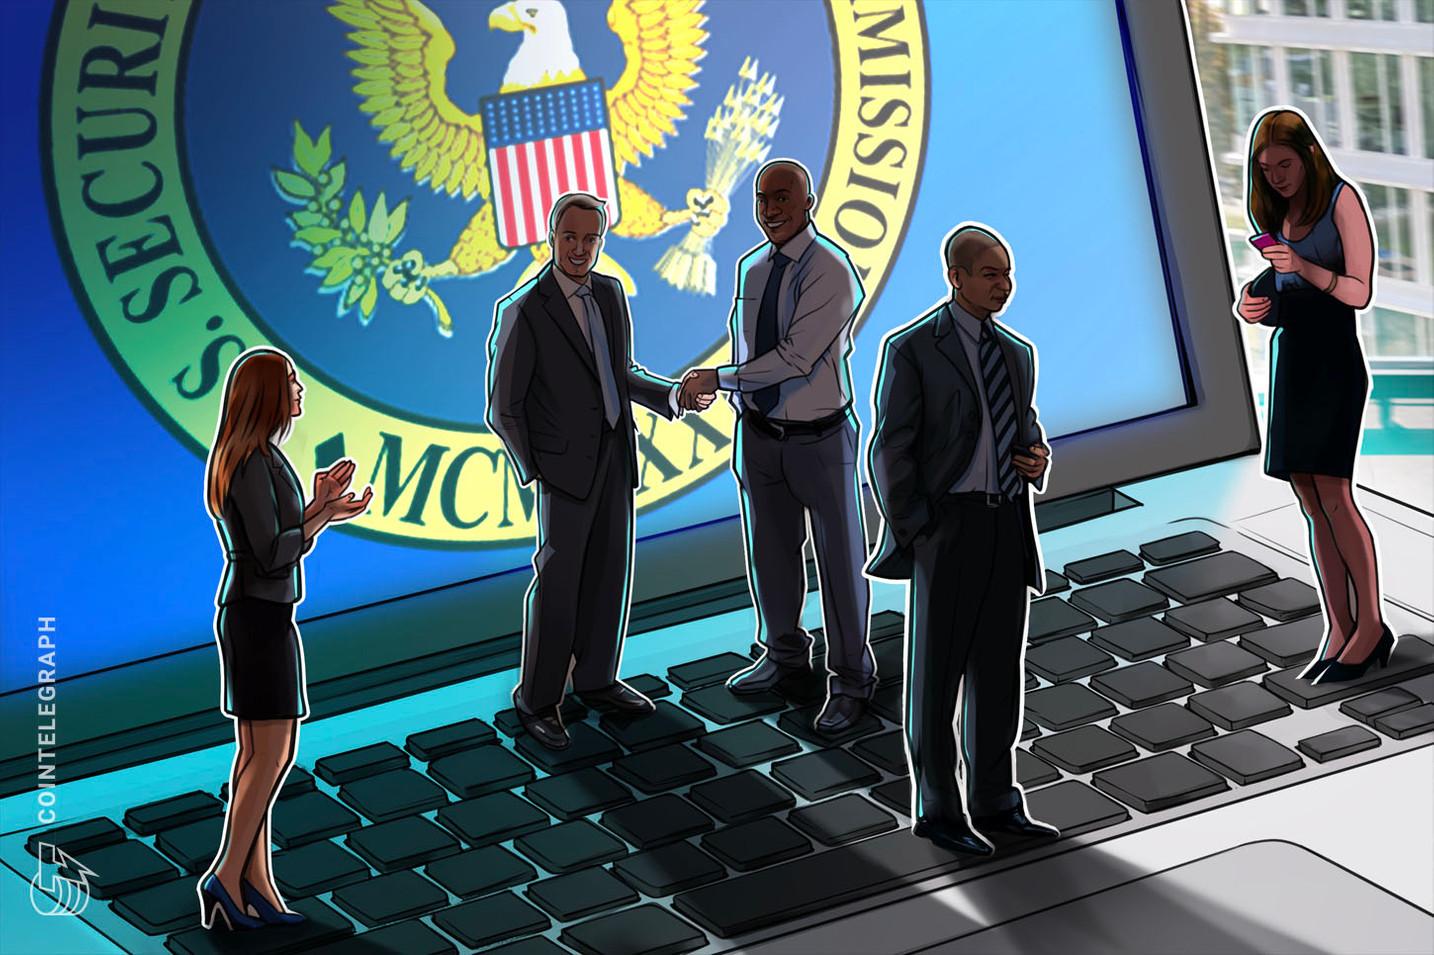 SEC-Prüfung verzögert Börsengang von Robinhood vermutlich bis Herbst